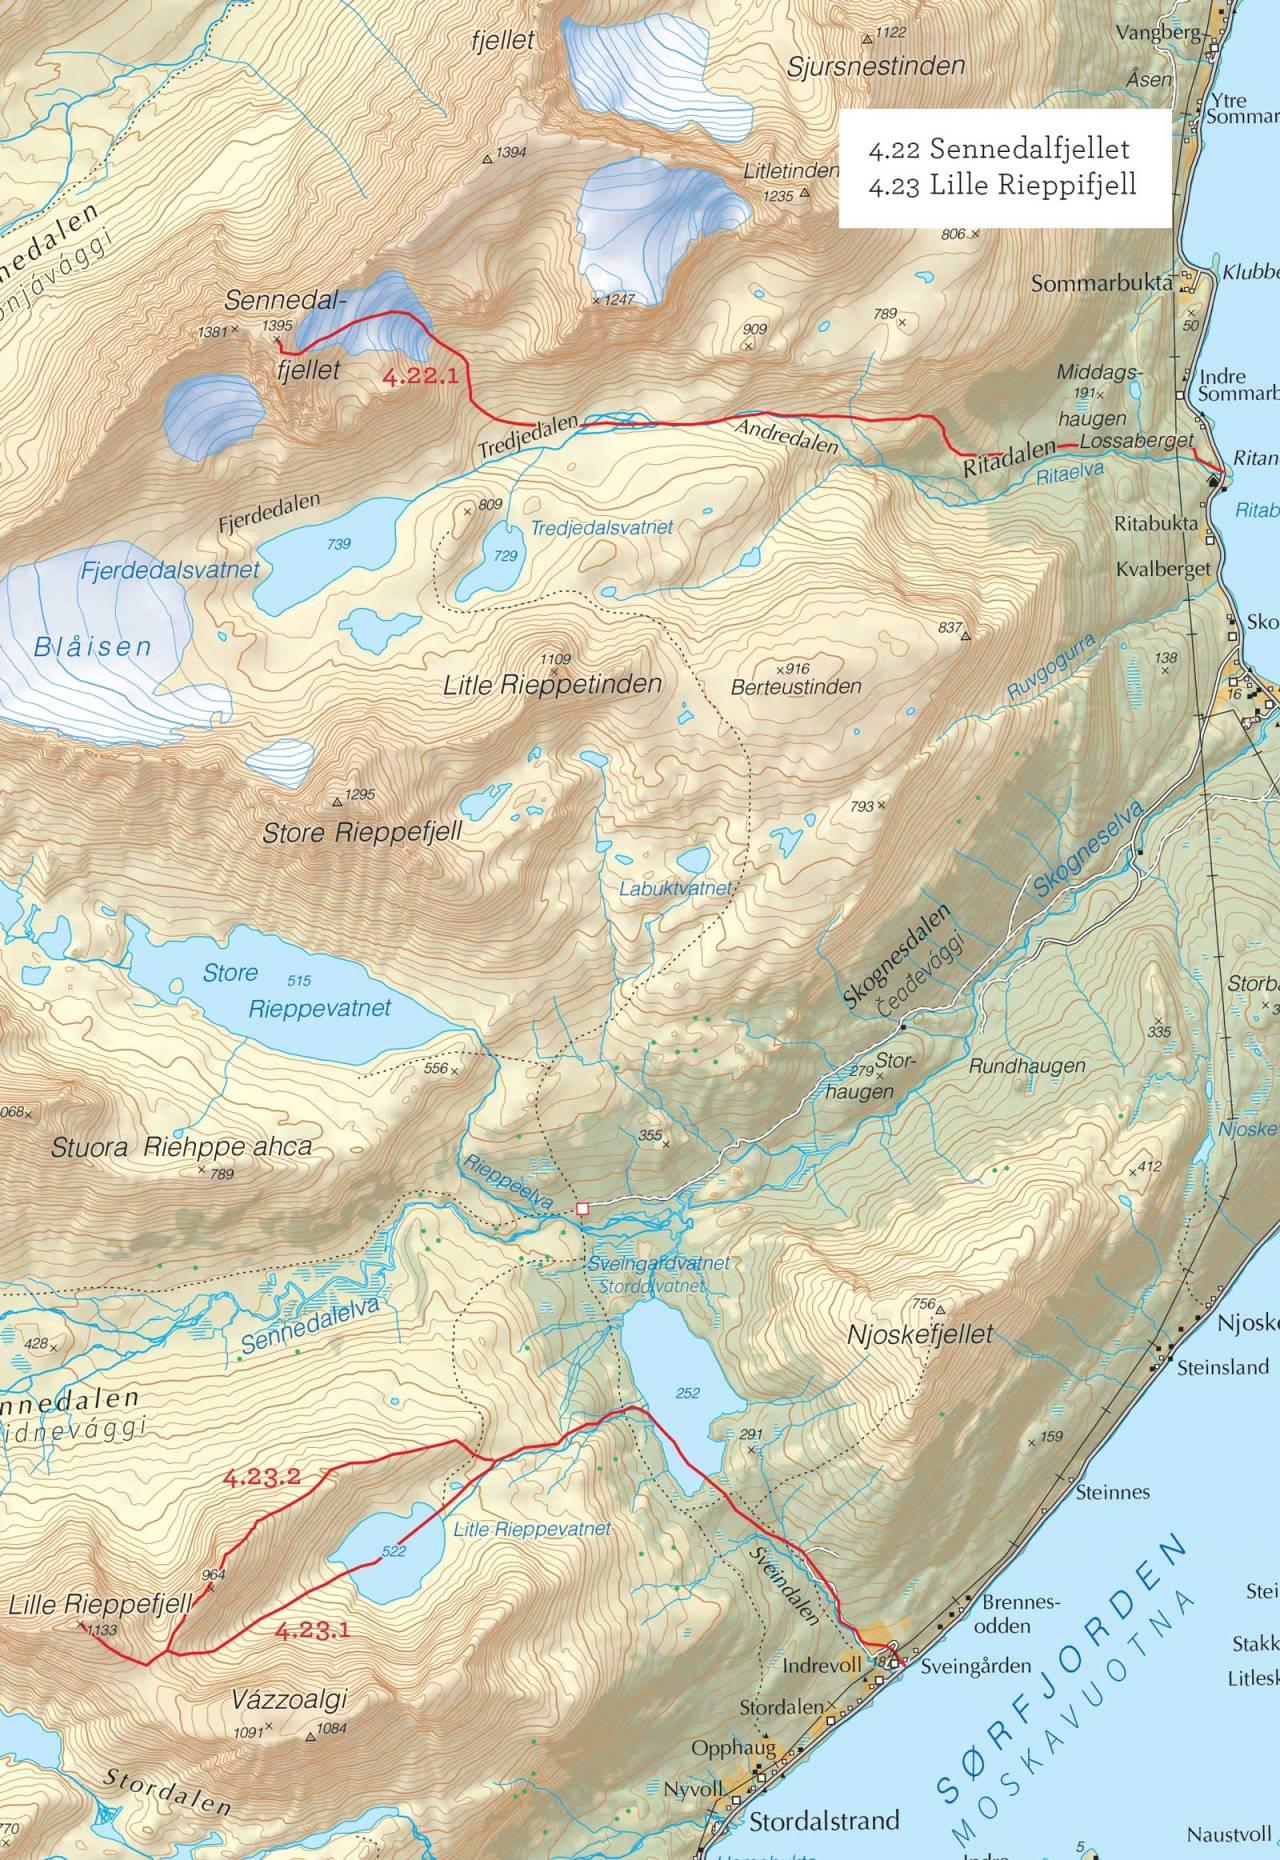 Oversiktskart over Lille Rieppefjell med inntegnet rute. Fra Toppturer i Troms.